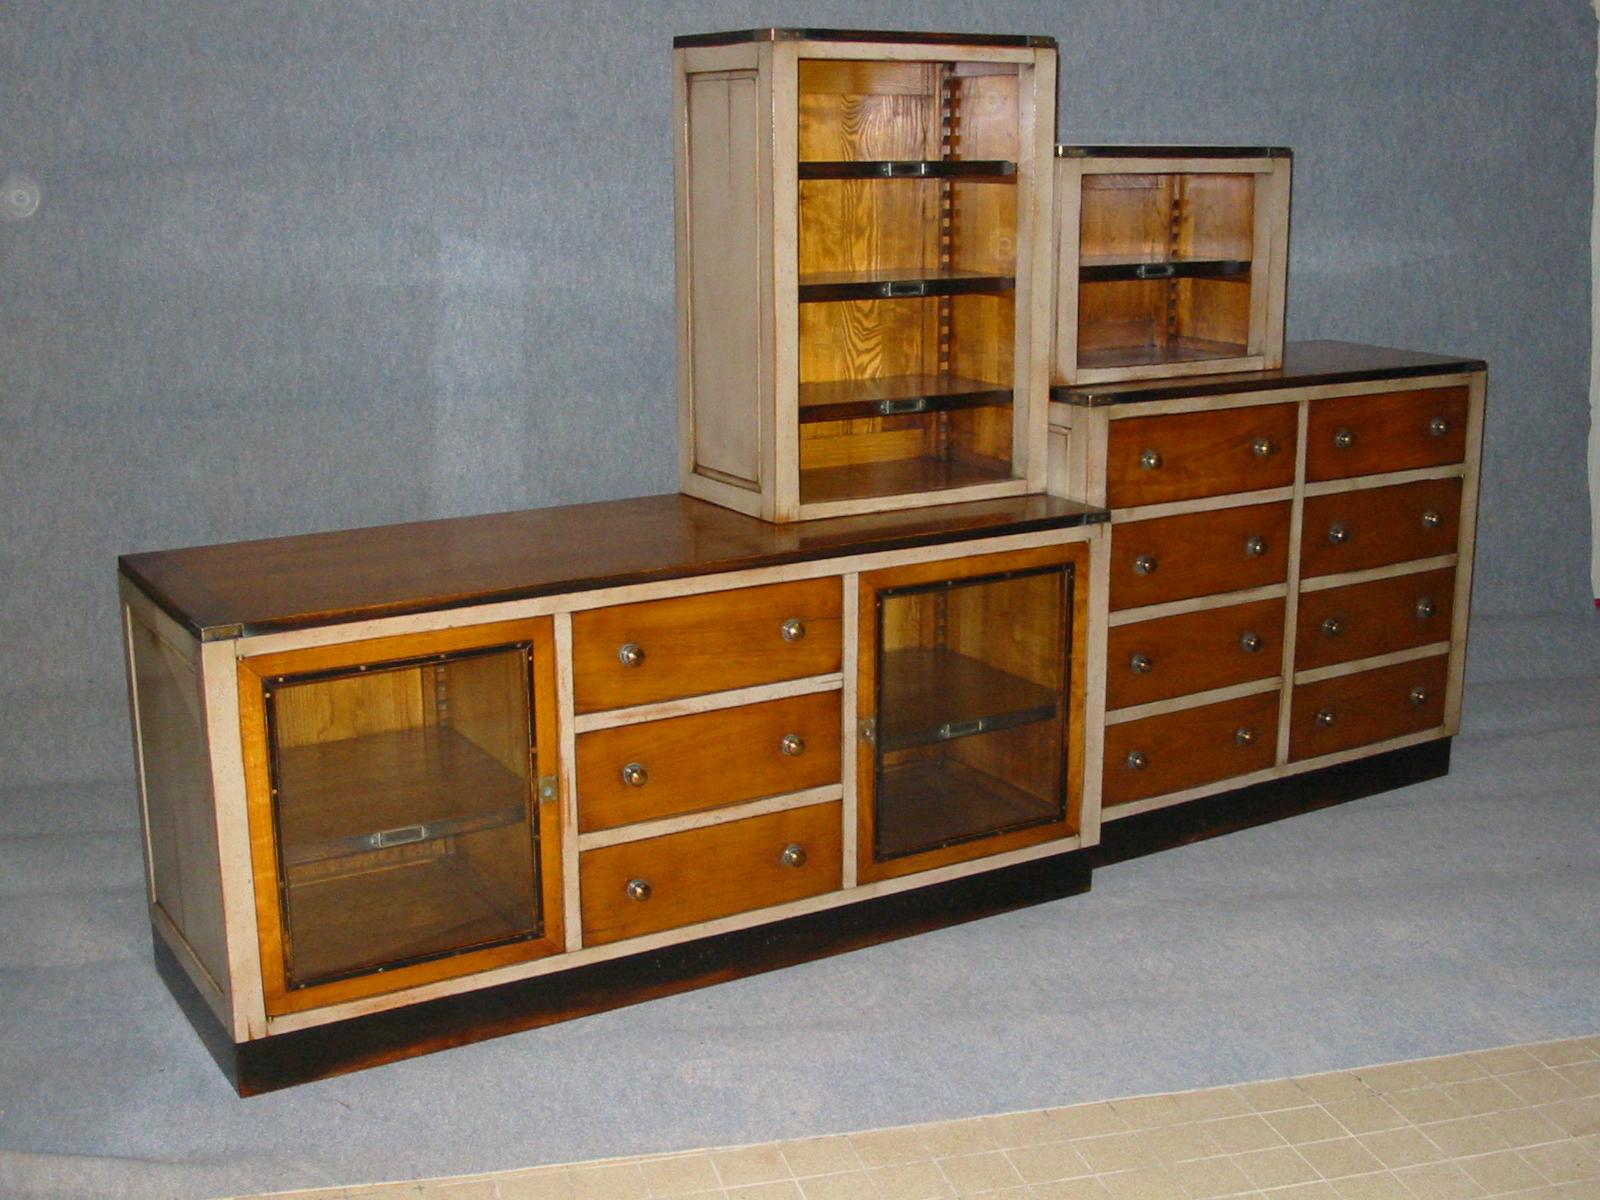 Produit untel n 3 for Salon du meuble